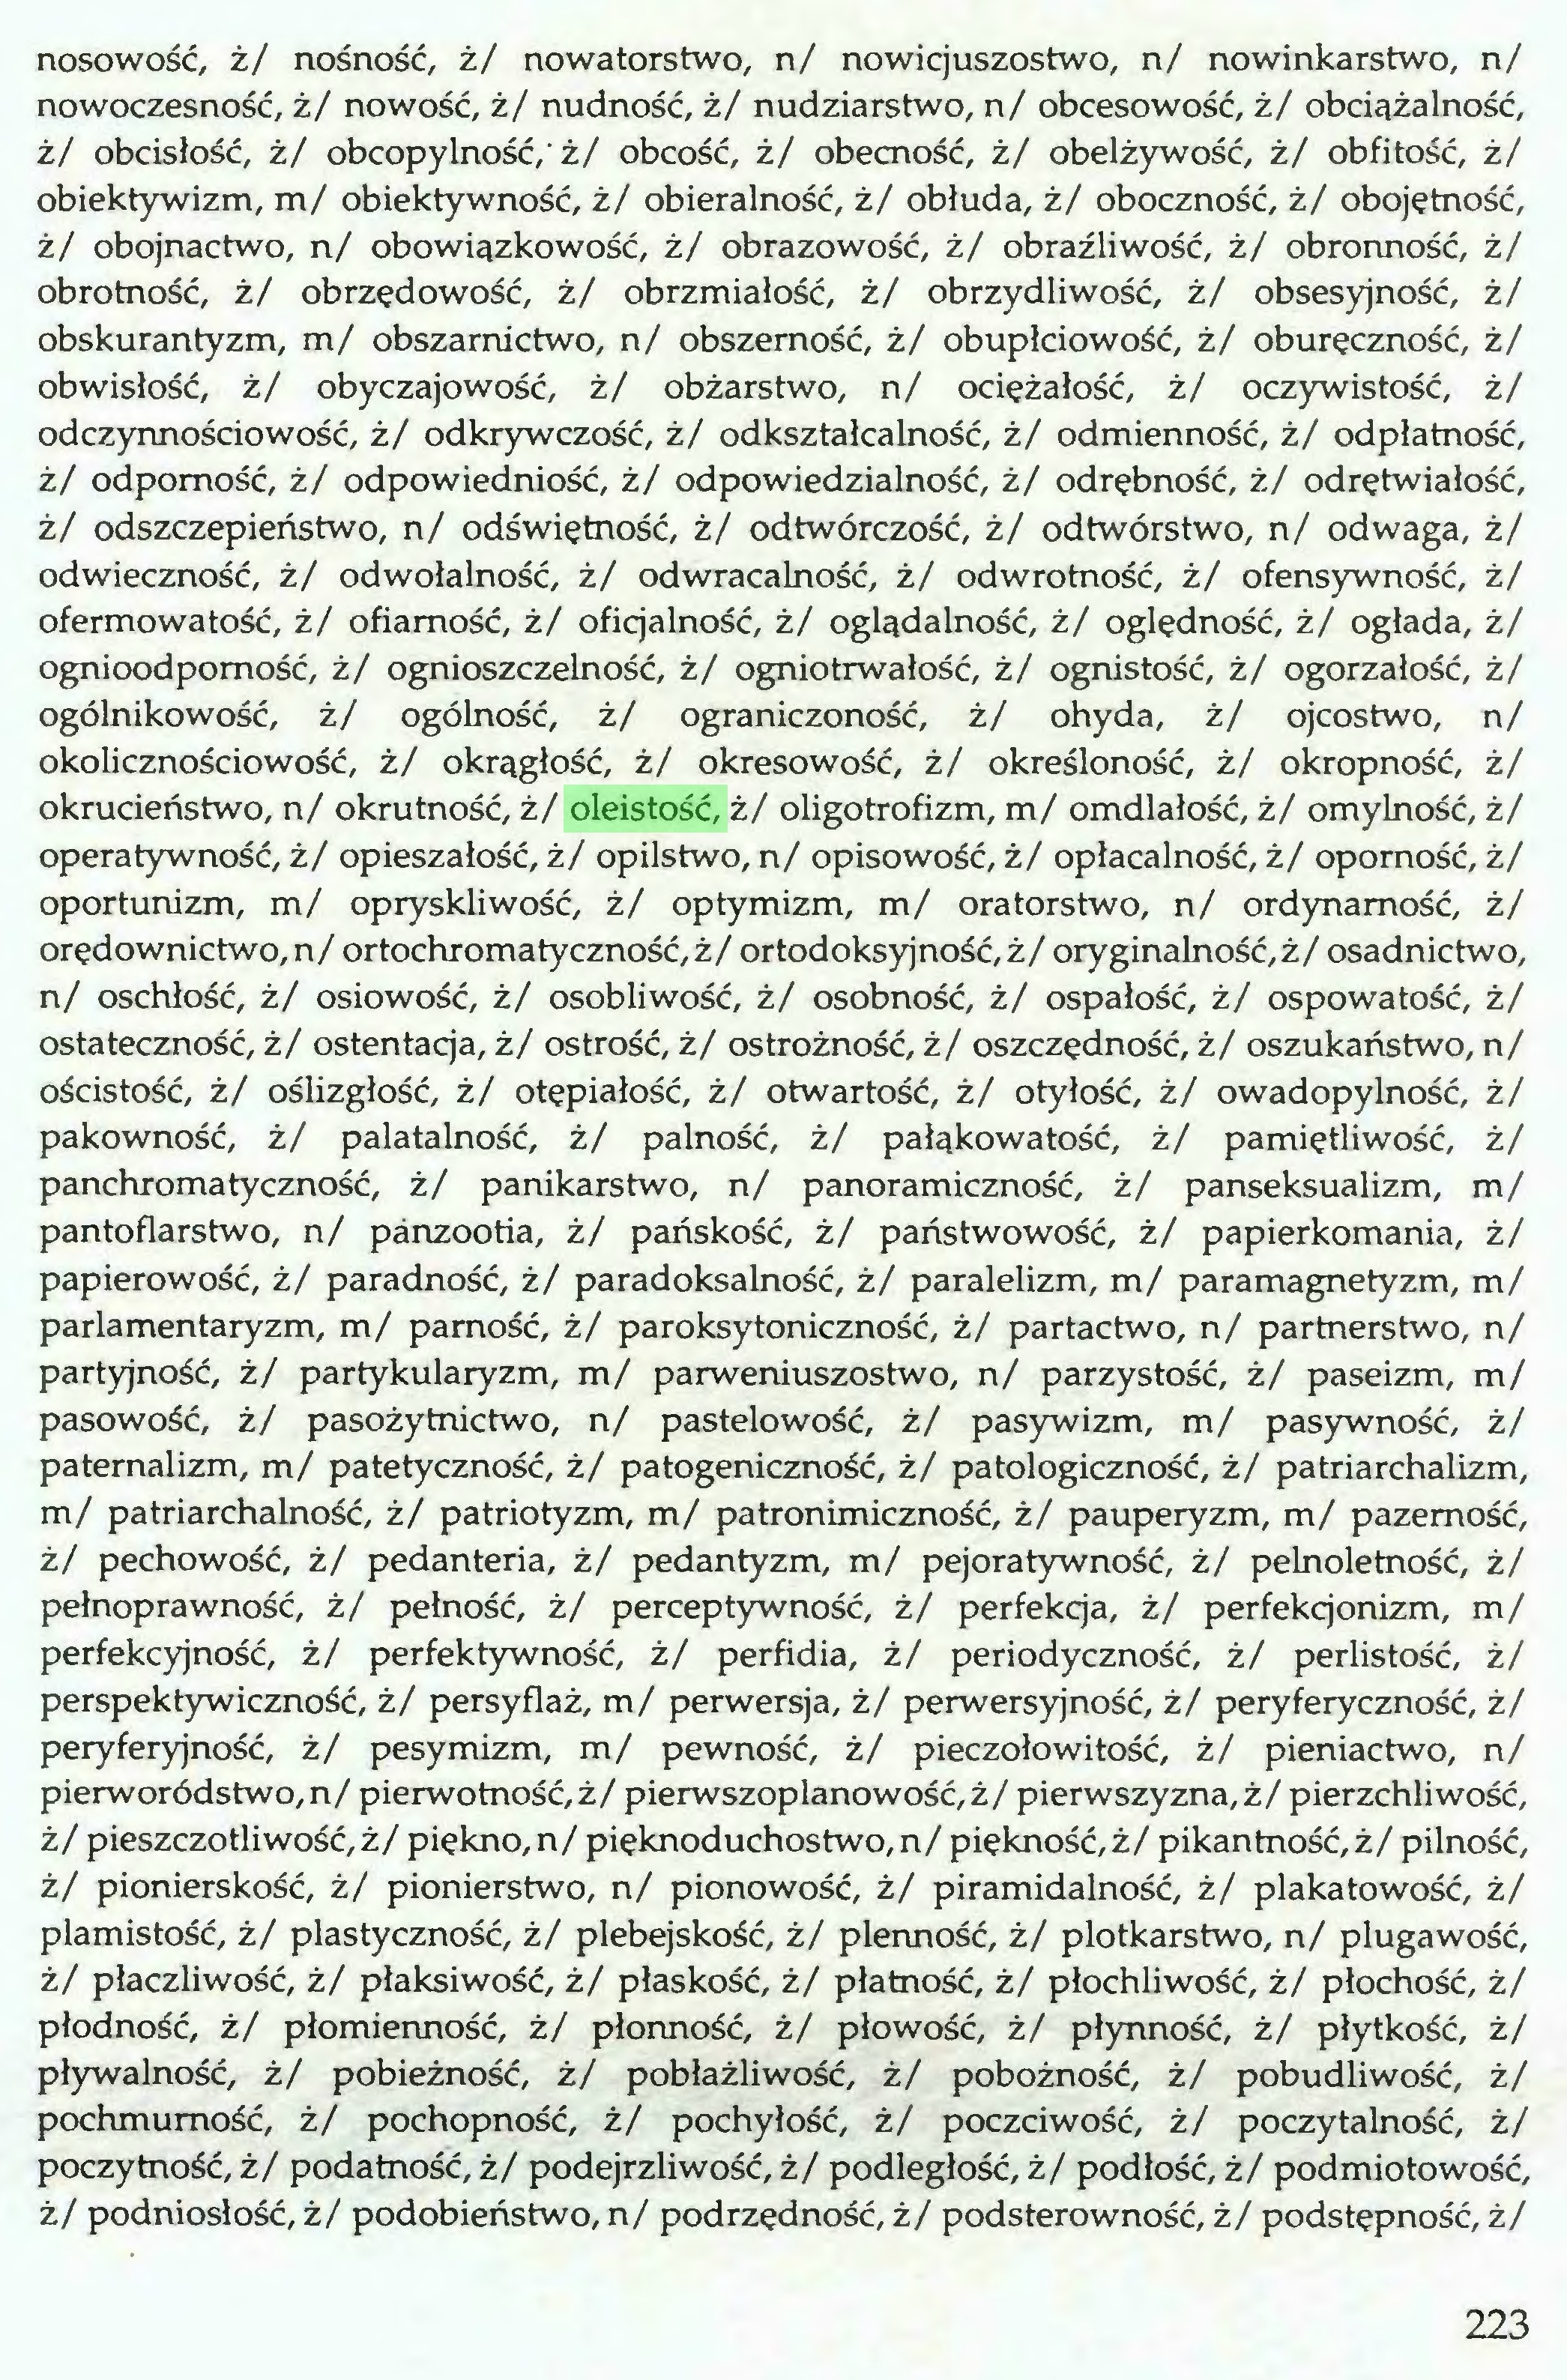 (...) nosowość, ż/ nośność, ż/ nowatorstwo, n/ nowicjuszostwo, n/ nowinkarstwo, n/ nowoczesność, ż/ nowość, ż/ nudność, ż/ nudziarstwo, n/ obcesowość, ż/ obciążalność, ż/ obcisłość, ż/ obcopylność,'ż/ obcość, ż/ obecność, ż/ obelżywość, ż/ obfitość, ż/ obiektywizm, m/ obiektywność, ż/ obieralność, ż/ obłuda, ż/ oboczność, ż/ obojętność, ż/ obojnactwo, n/ obowiązkowość, ż/ obrazowość, ż/ obraźliwość, ż/ obronność, ż/ obrotność, ż/ obrzędowość, ż/ obrzmiałość, ż/ obrzydliwość, ż/ obsesyjność, ż/ obskurantyzm, m/ obszamictwo, n/ obszemość, ż/ obupłciowość, ż/ obureczność, ż/ obwisłość, ż/ obyczajowość, ż/ obżarstwo, n/ ociężałość, ż/ oczywistość, ż/ odczynnościowość, ż/ odkrywczość, ż/ odkształcalność, ż/ odmienność, ż/ odpłatność, ż/ odporność, ż/ odpowiedniość, ż/ odpowiedzialność, ż/ odrębność, ż/ odrętwiałość, ż/ odszczepieństwo, n/ odświetność, ż/ odtwórczość, ż/ odtwórstwo, n/ odwaga, ż/ odwieczność, ż/ odwołalność, ż/ odwracalność, ż/ odwrotność, ż/ ofensywność, ż/ ofermowatość, ż/ ofiarność, ż/ oficjalność, ż/ oglądalność, ż/ oględność, ż/ ogłada, ż/ ognioodpomość, ż/ ognioszczelność, ż/ ogniotrwałość, ż/ ognistość, ż/ ogorzałość, ż/ ogólnikowość, ż/ ogólność, ż/ ograniczoność, ż/ ohyda, ż/ ojcostwo, n/ okolicznościowość, ż/ okrągłość, ż/ okresowość, ż/ określoność, ż/ okropność, ż/ okrucieństwo, n/ okrutność, ż/ oleistość, ż/ oligotrofizm, m/ omdlałość, ż/ omylność, ż/ operatywność, ż/ opieszałość, ż/ opilstwo, n/ opisowość, ż/ opłacalność, ż/ oporność, ż/ oportunizm, m/ opryskliwość, ż/ optymizm, m/ oratorstwo, n/ ordynarność, ż/ orędownictwo, n/ ortochromatyczność,ż/ ortodoksyjność,ż/ oryginalność, ż/ osadnictwo, n/ oschłość, ż/ osiowość, ż/ osobliwość, ż/ osobność, ż/ ospałość, ż/ ospowatość, ż/ ostateczność, ż/ ostentacja, ż/ ostrość, ż/ ostrożność, ż/ oszczędność, ż/ oszukaństwo, n/ ościstość, ż/ oślizgłość, ż/ otepiałość, ż/ otwartość, ż/ otyłość, ż/ owadopylność, ż/ pakowność, ż/ palatalność, ż/ palność, ż/ pałąkowatość, ż/ pamietliwość, ż/ panchromatyc